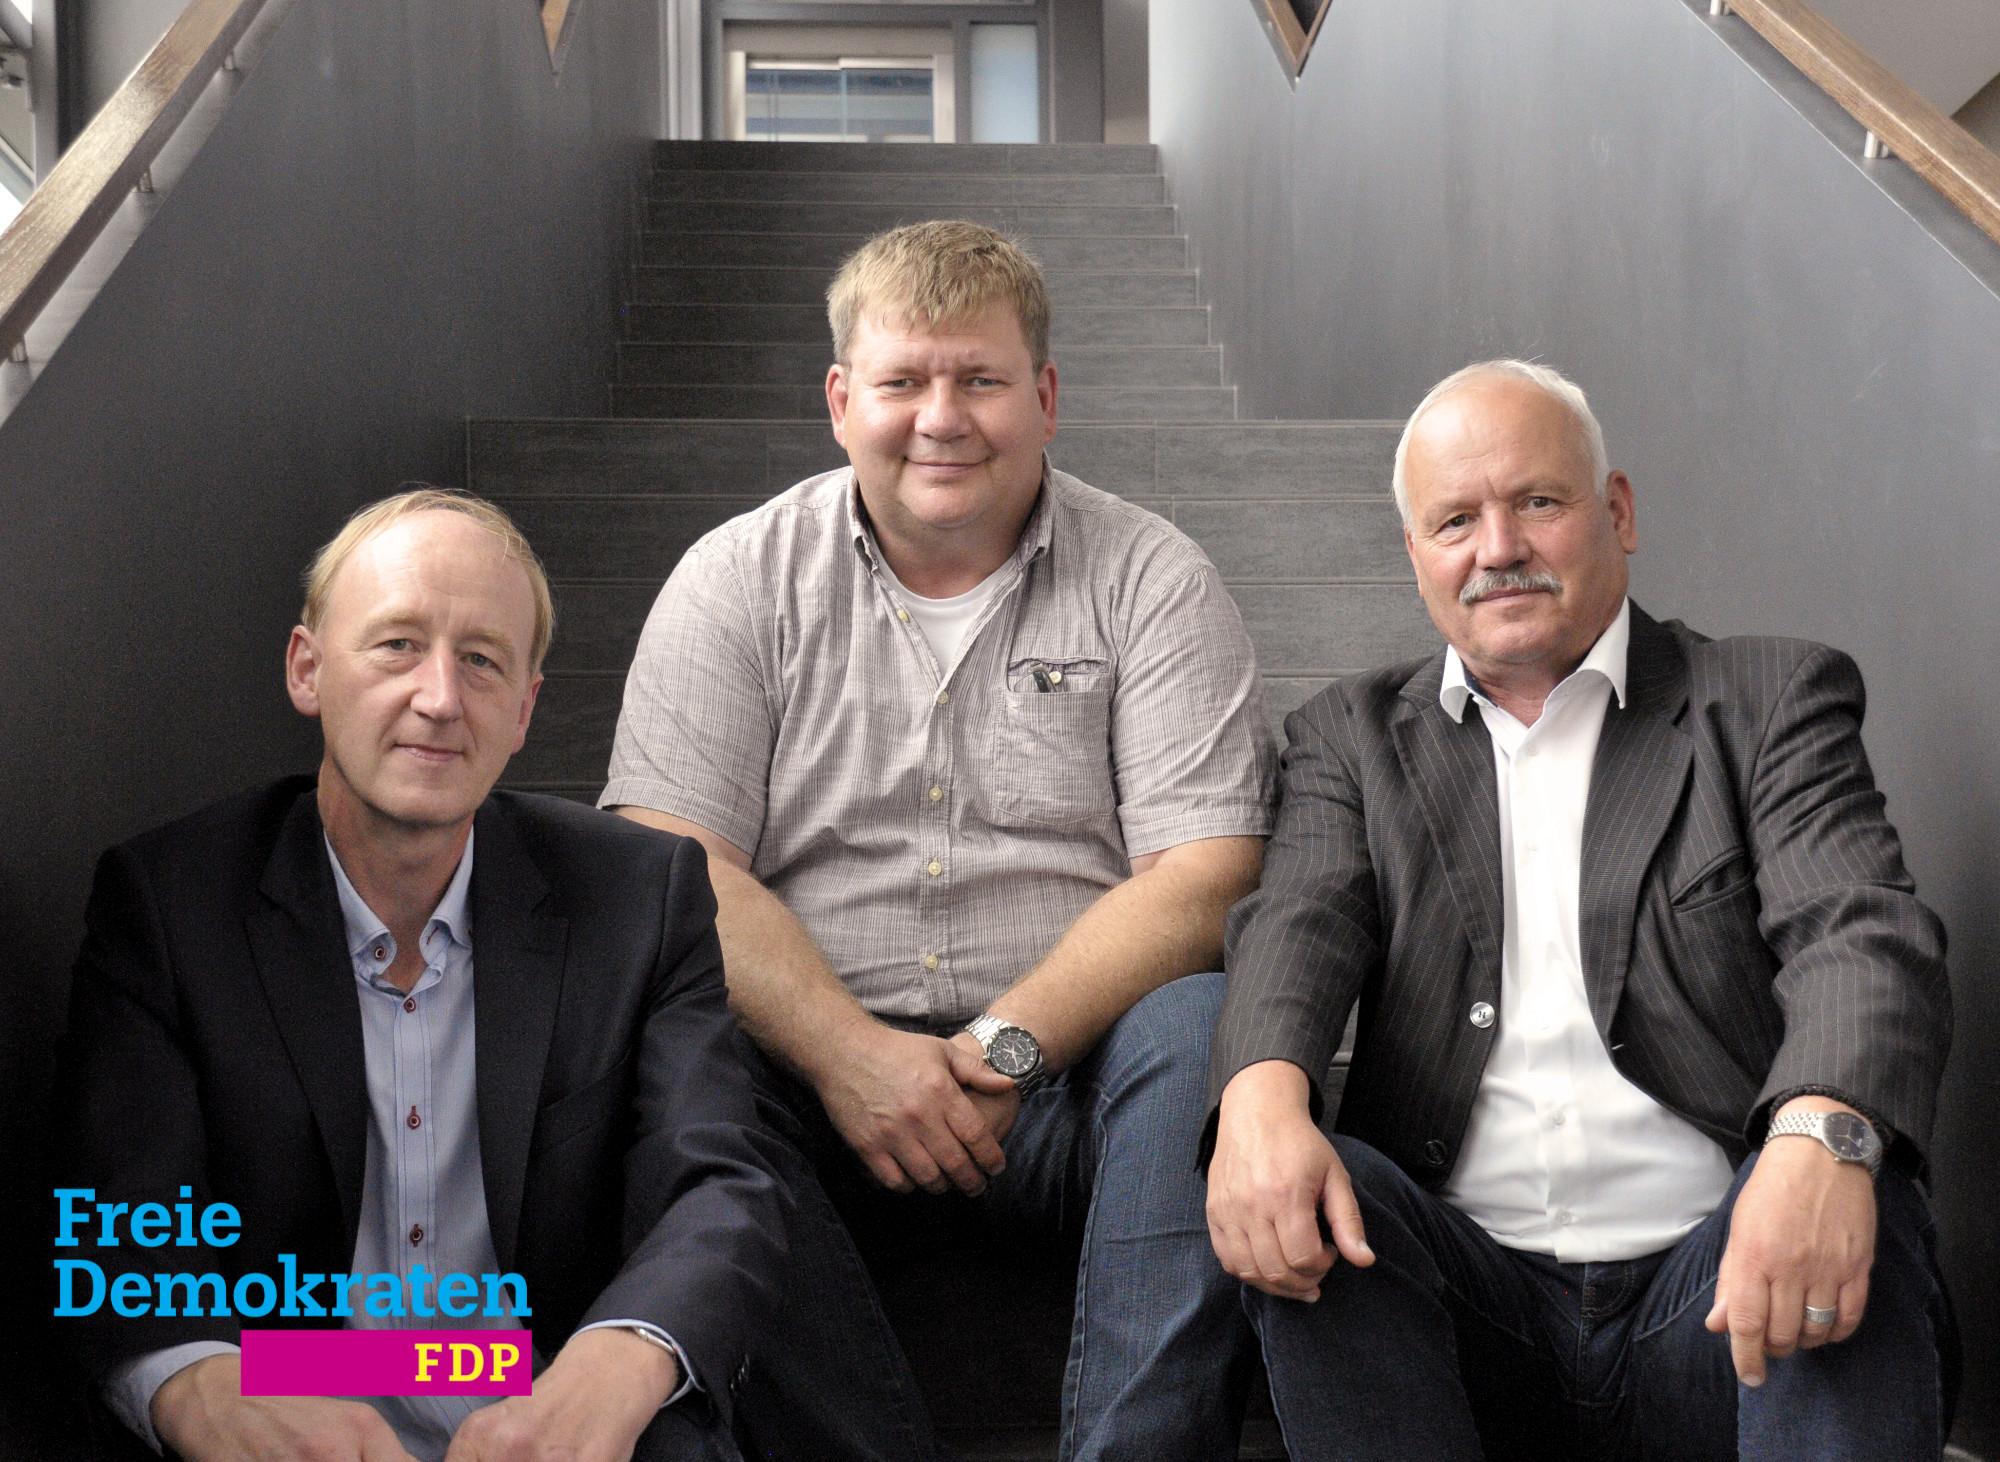 Jürgen Bohr, Sven Büchner, Joachim Heinecke